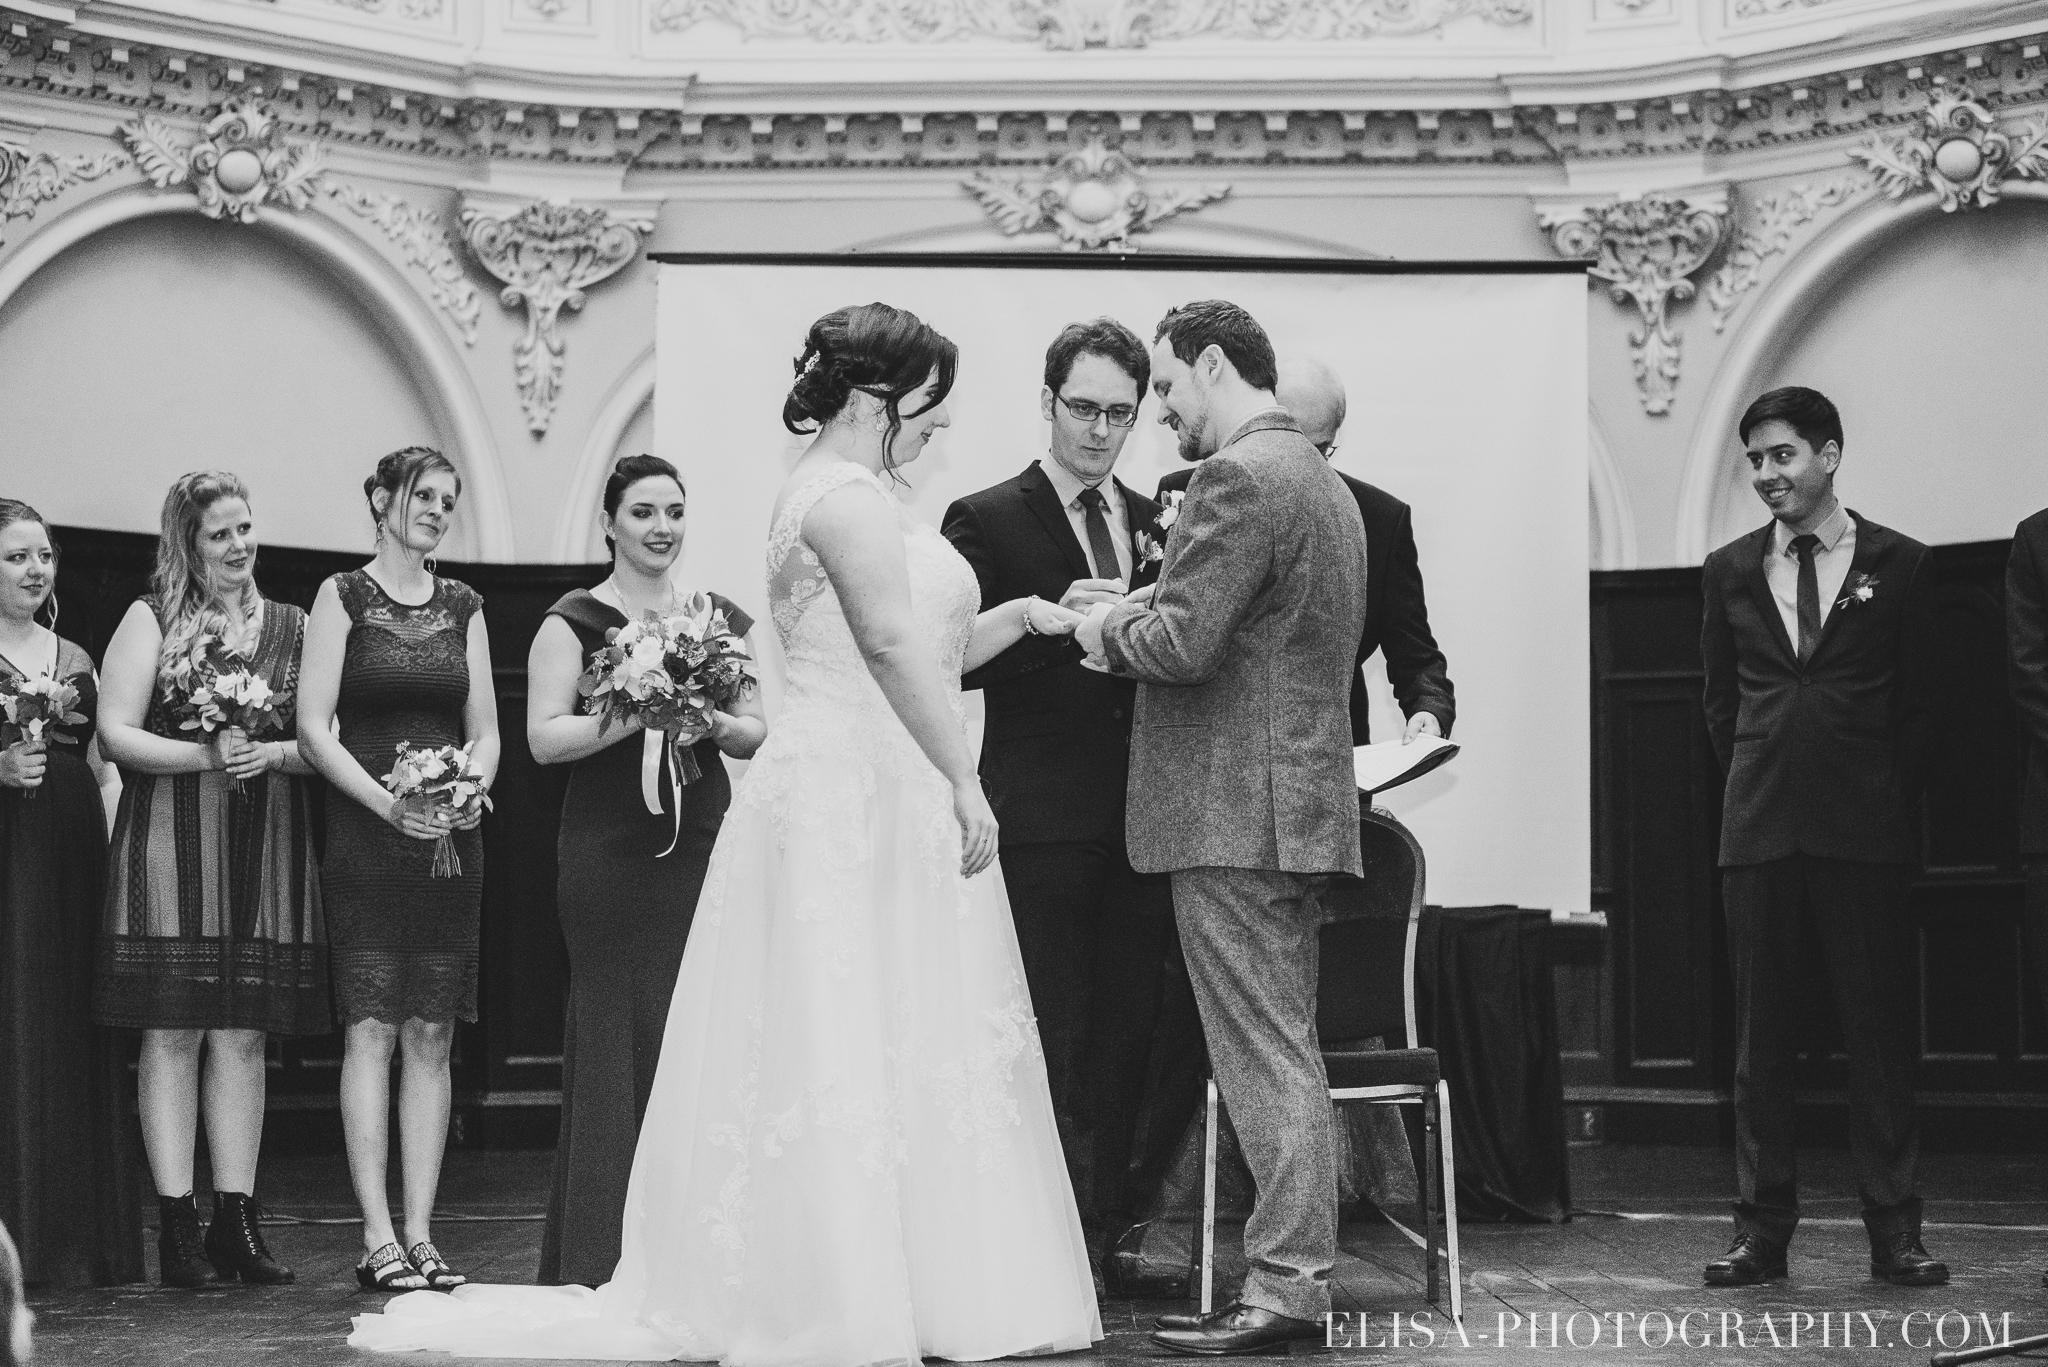 photo mariage automne ceremonie espace saint gregoire automne quebec beauport 6099 - Mariage à saveur automnale à l'Espace Saint-Grégoire